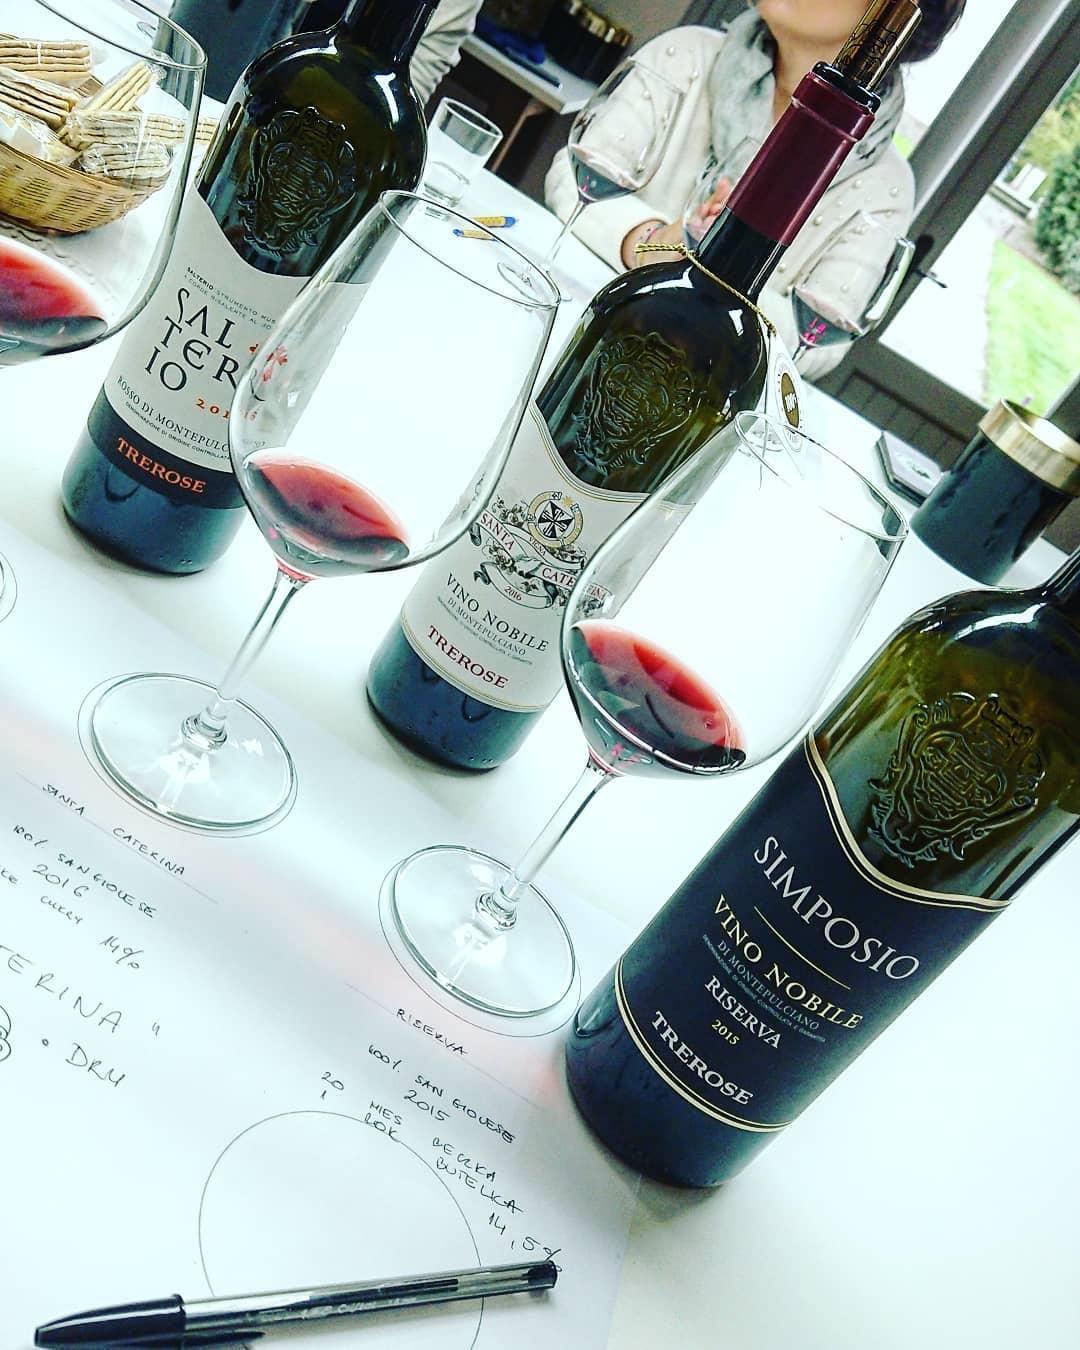 Tre Rose Estate Wines